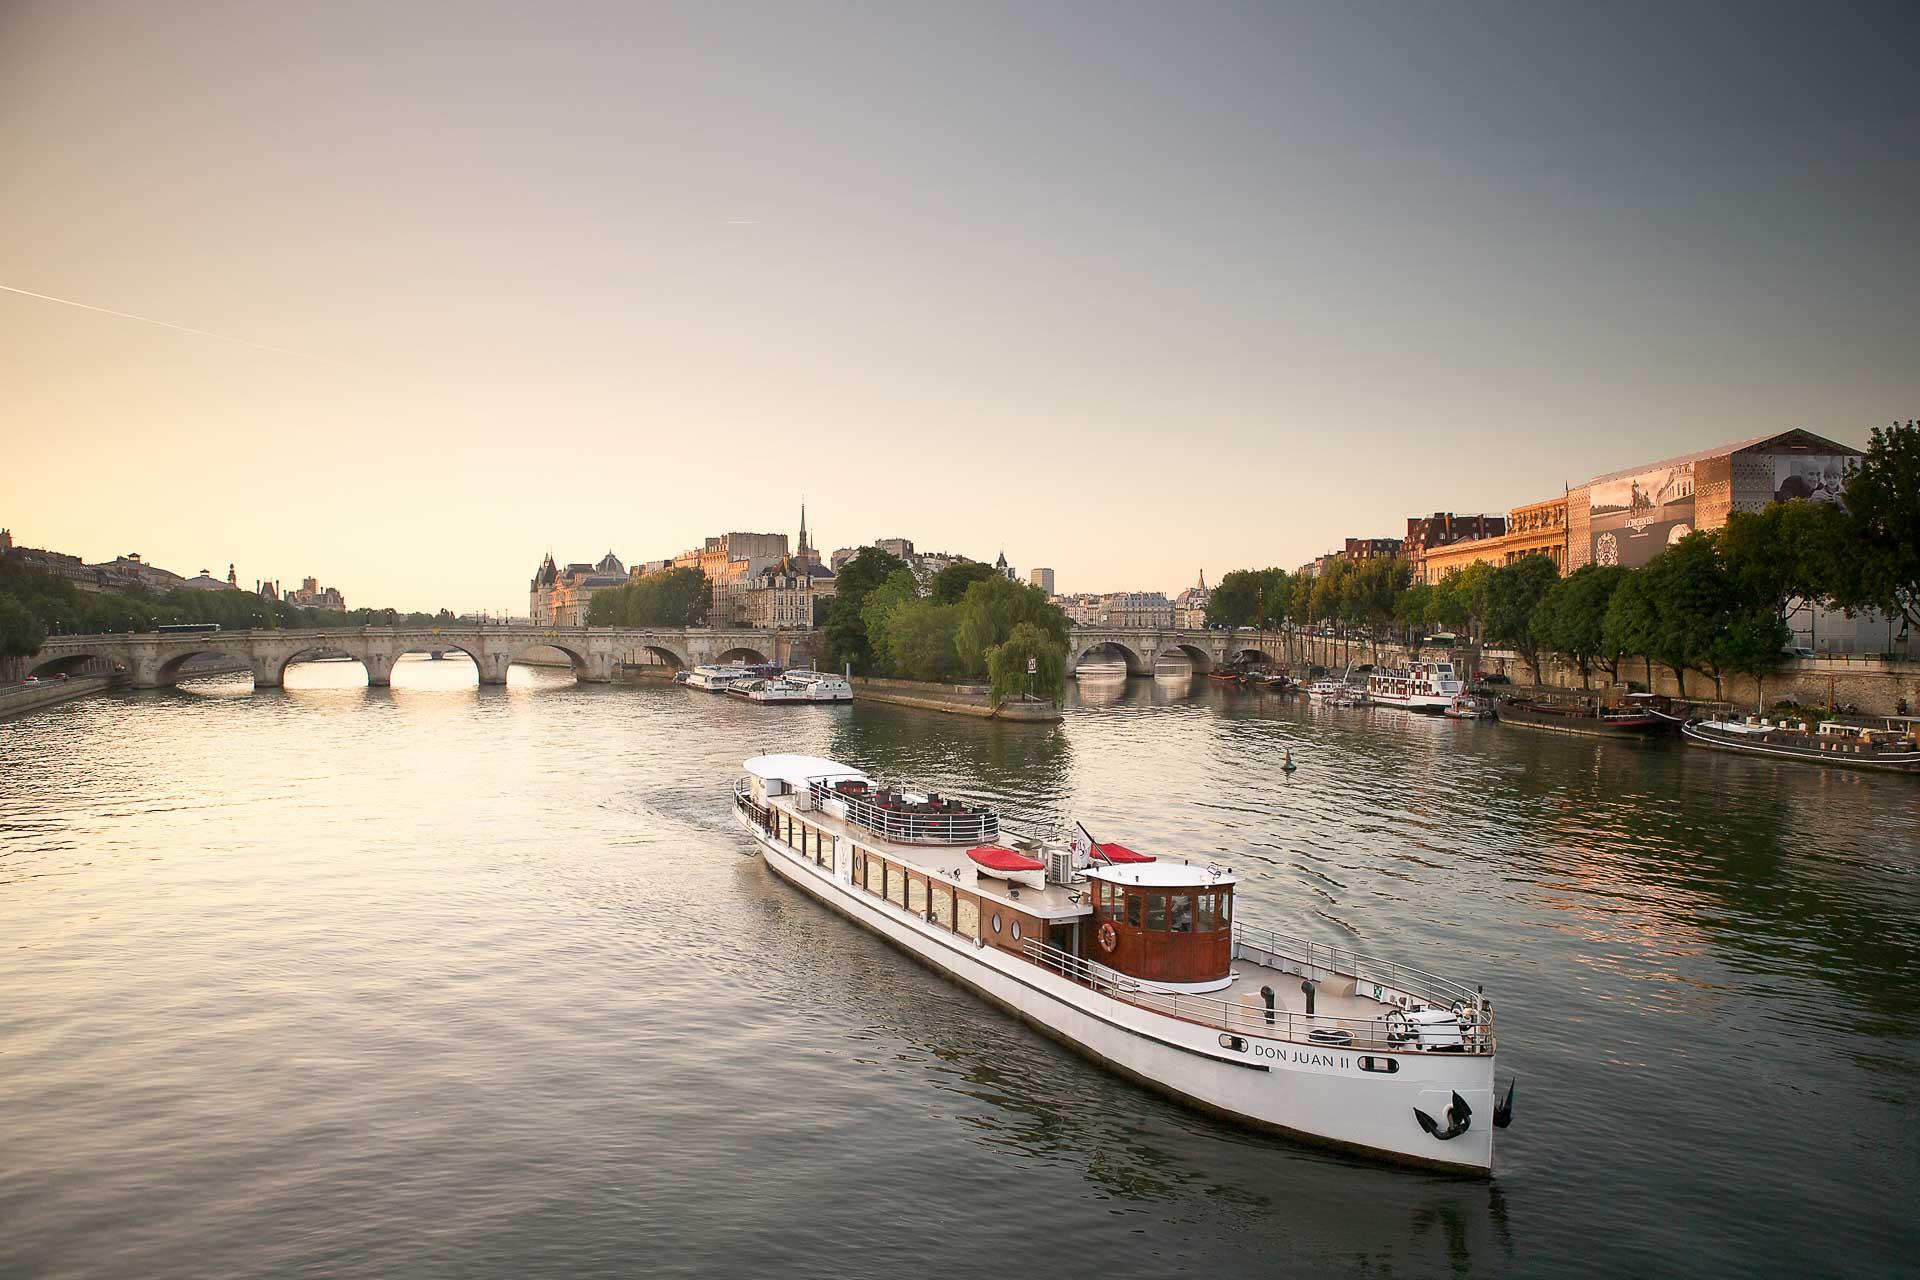 Oubliez les simples Bateaux Mouches ! Rendez-vous est pris sur le port Henri IV pour embarquer à bord du Don Juan II des Yachts de Paris. Ce navire luxueux s'affiche fièrement comme offrant la seule croisière gastronomique sur la Seine. Nous sommes allés vérifier.